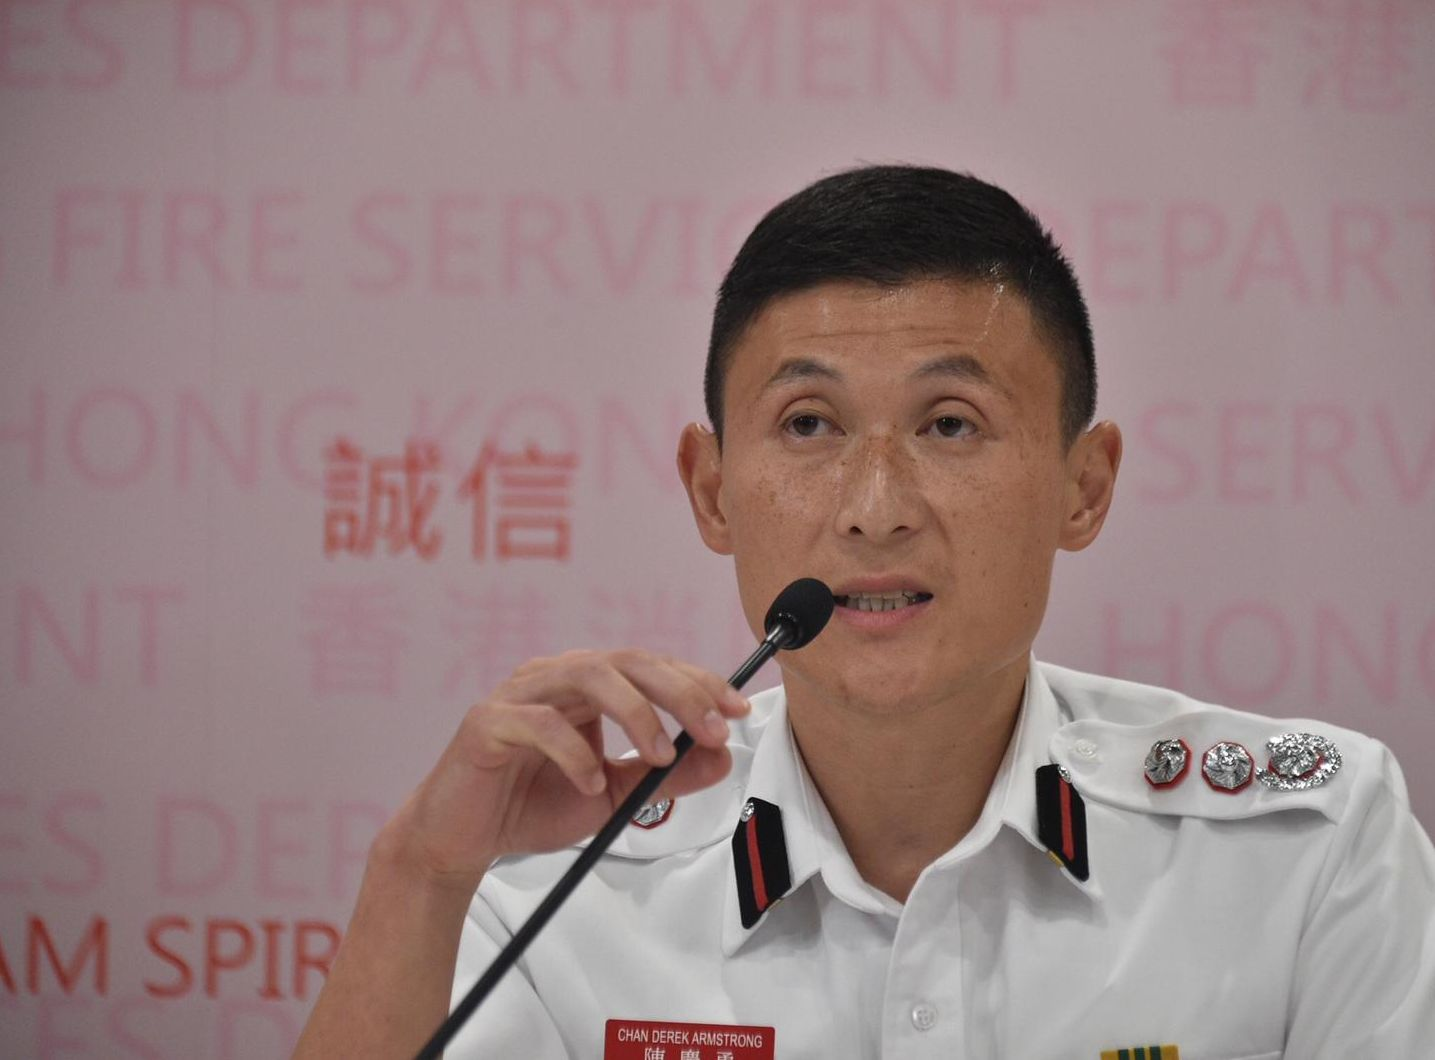 【修例风波】重申无看到死亡个案 消防:这是消防处对香港市民的保证